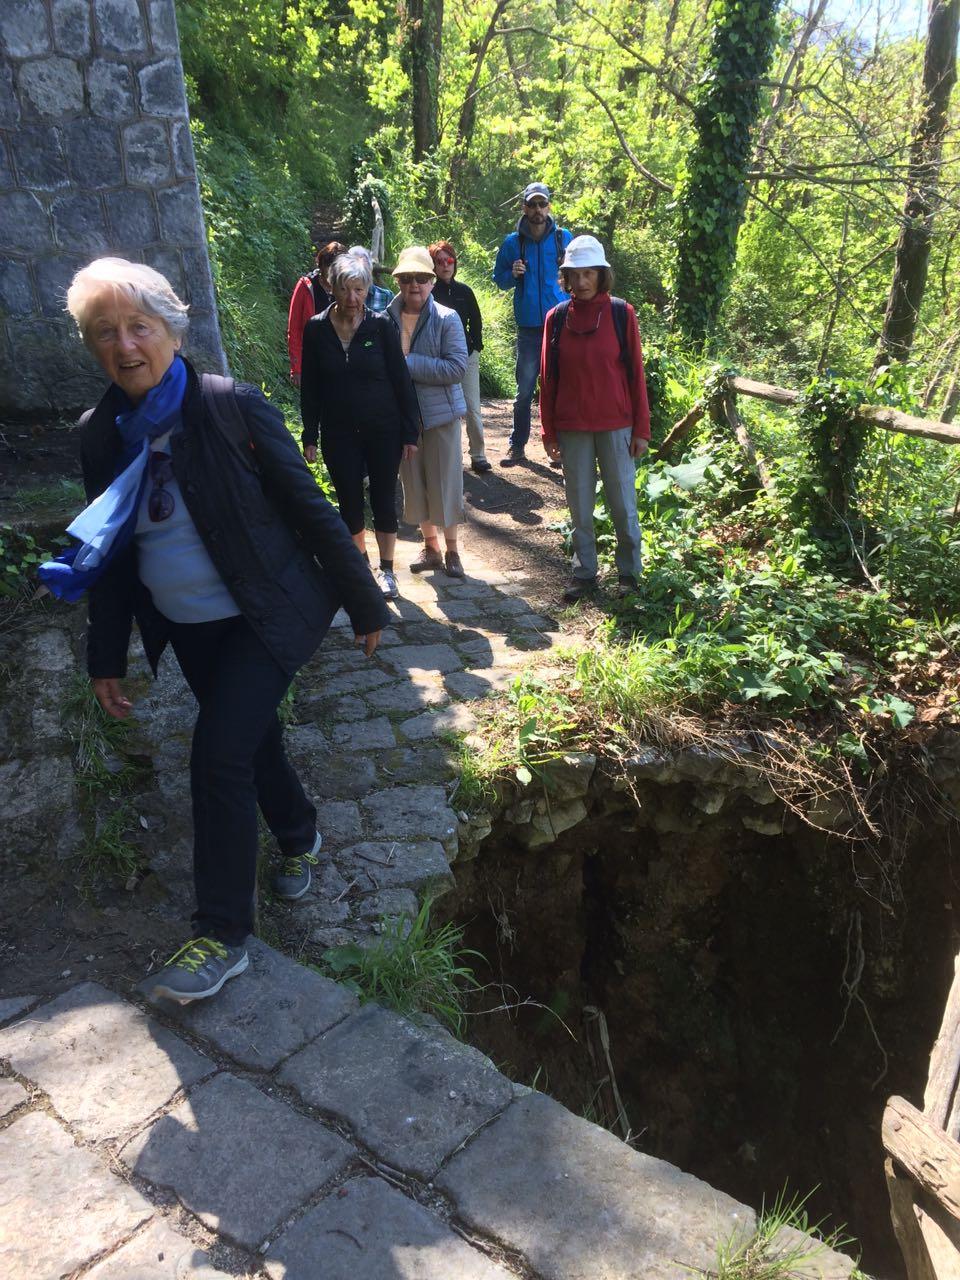 Pericolo a buceto turisti a rischio crolla la piazzola for Lavori senato oggi